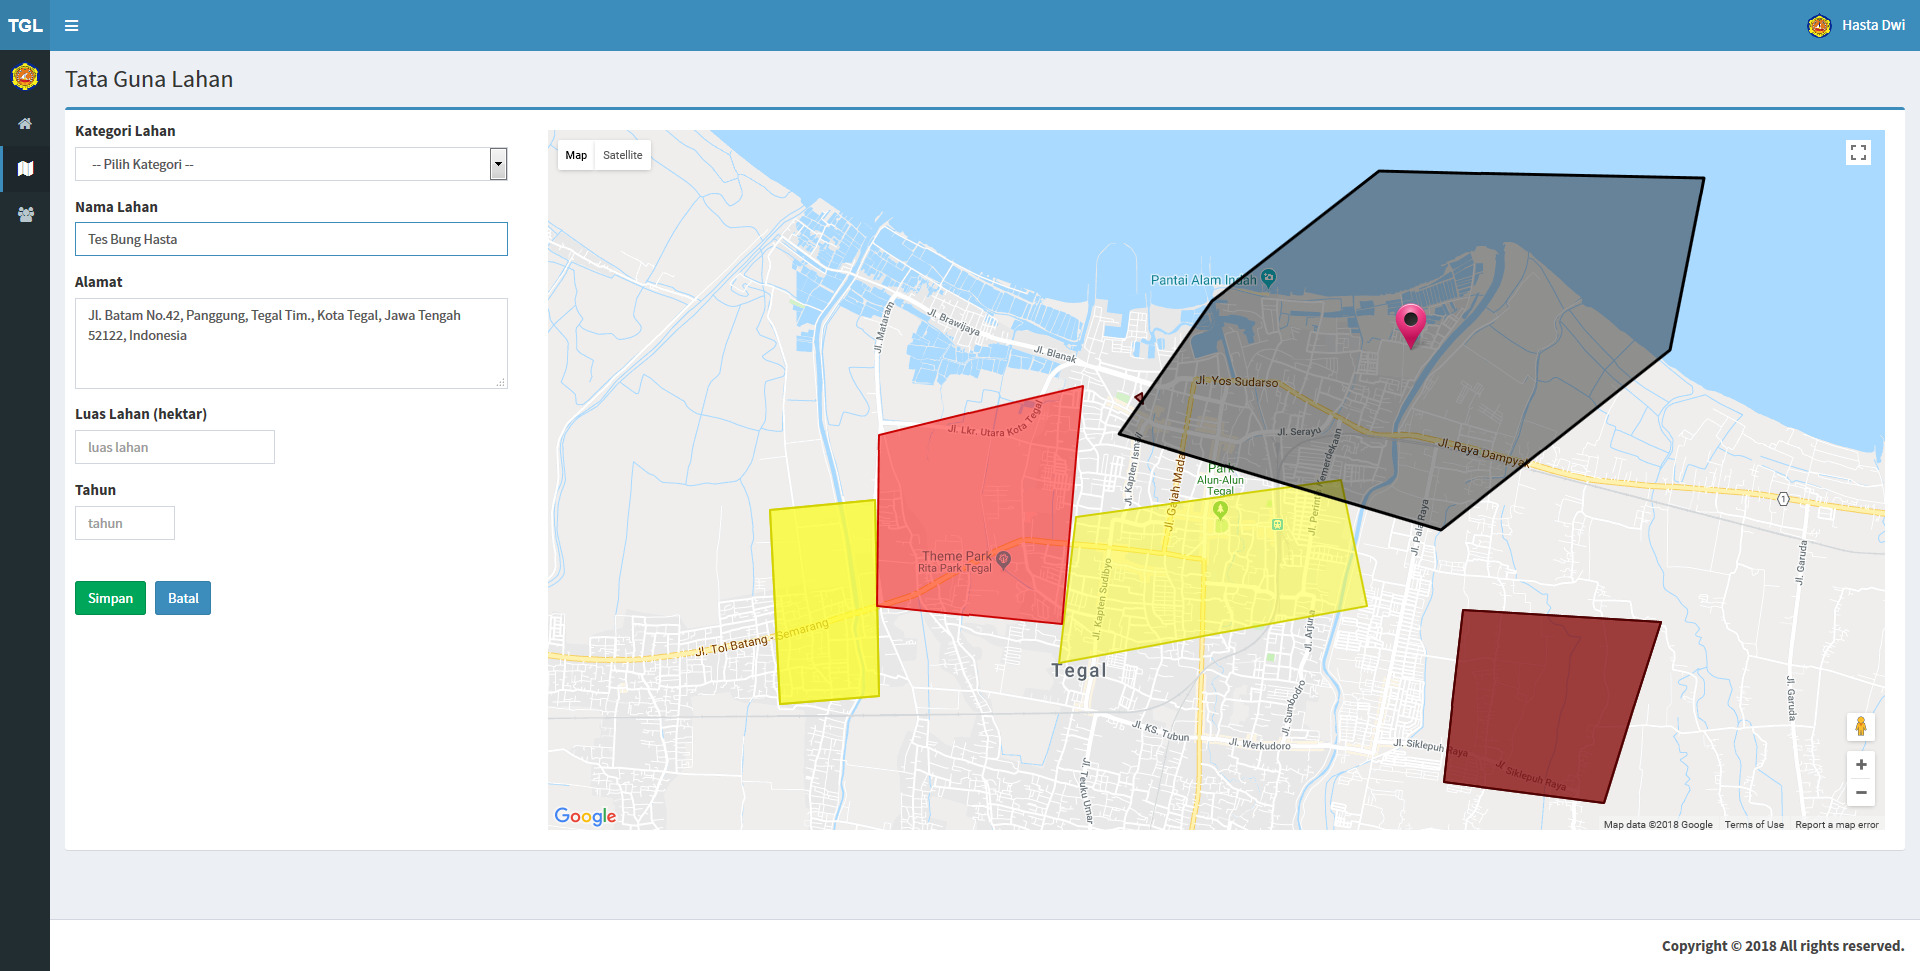 Sistem Pemetaan Tata Guna Lahan Kota Tegal